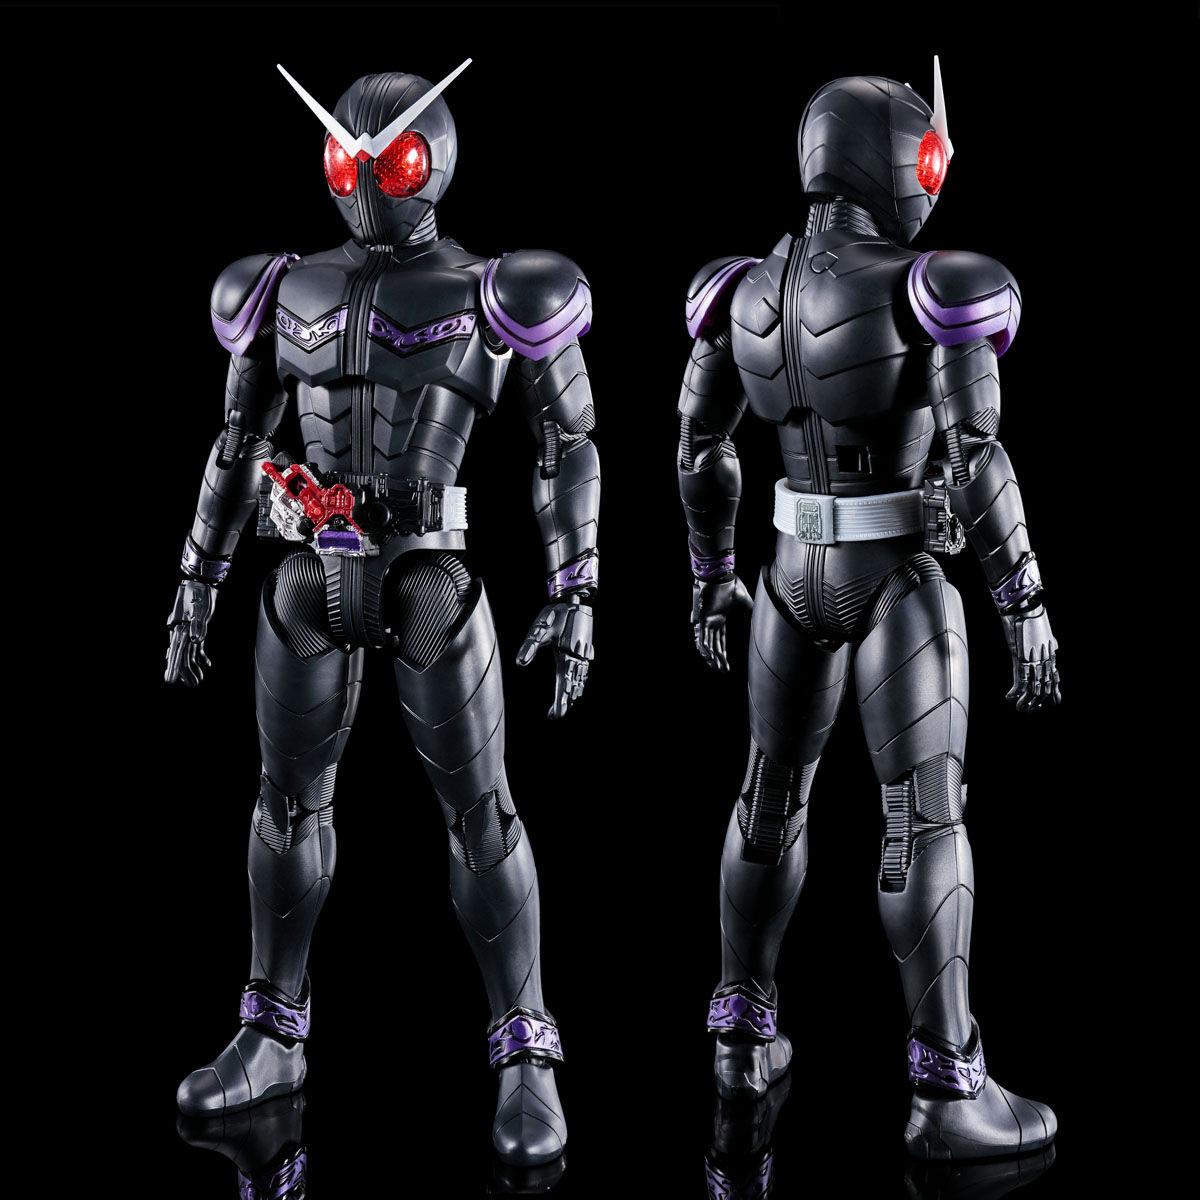 【限定販売】Figure-rise Standard『仮面ライダージョーカー』仮面ライダーW プラモデル-002